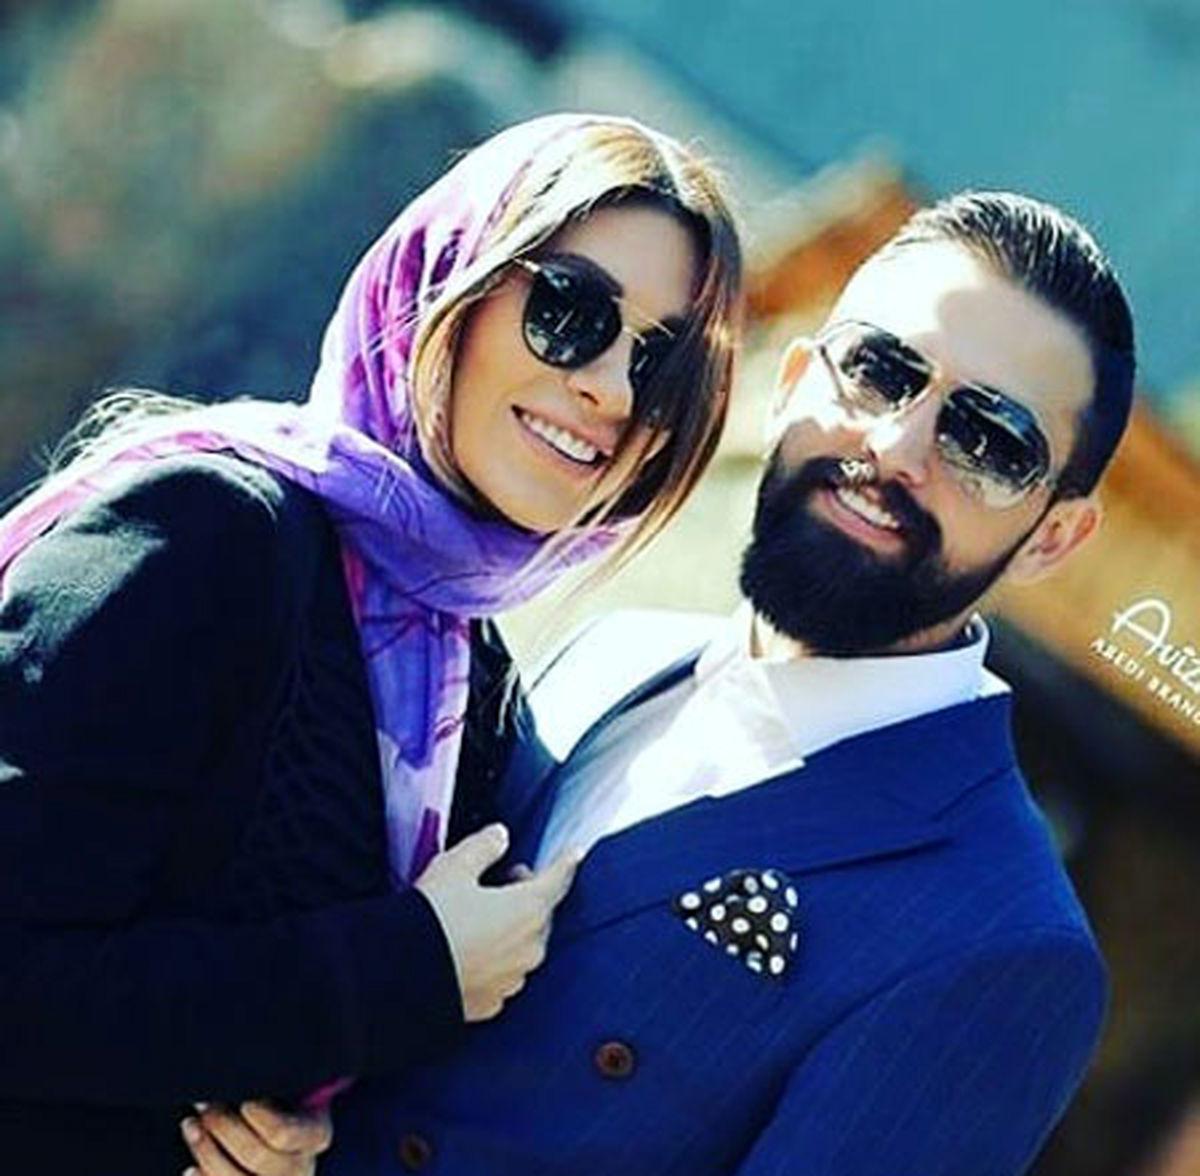 محسن افشانی و همسرش آشتی کردند | عکسهای محسن افشانی و سویل